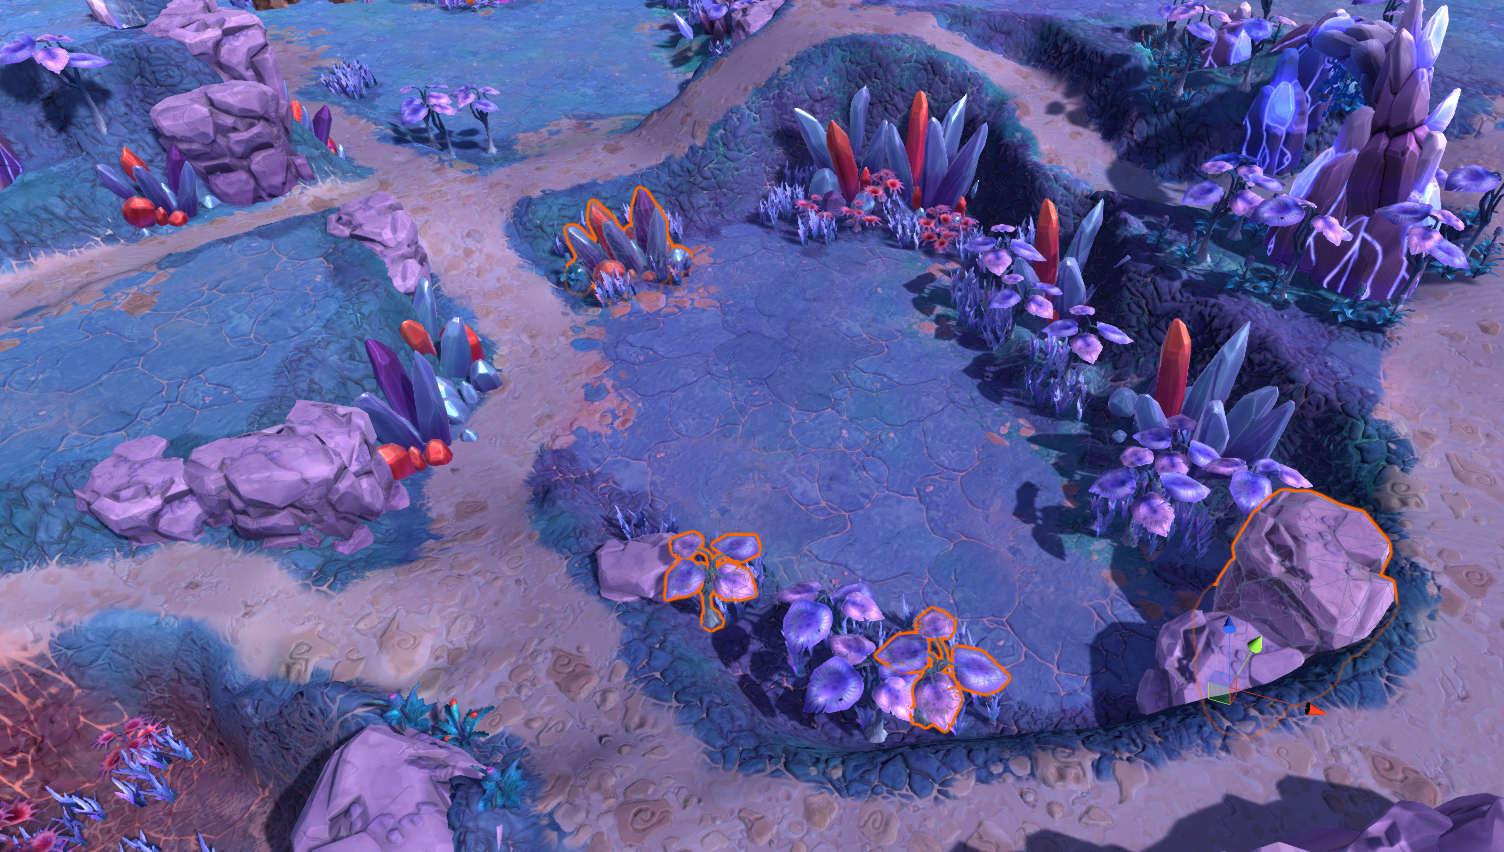 vegetation on terrain